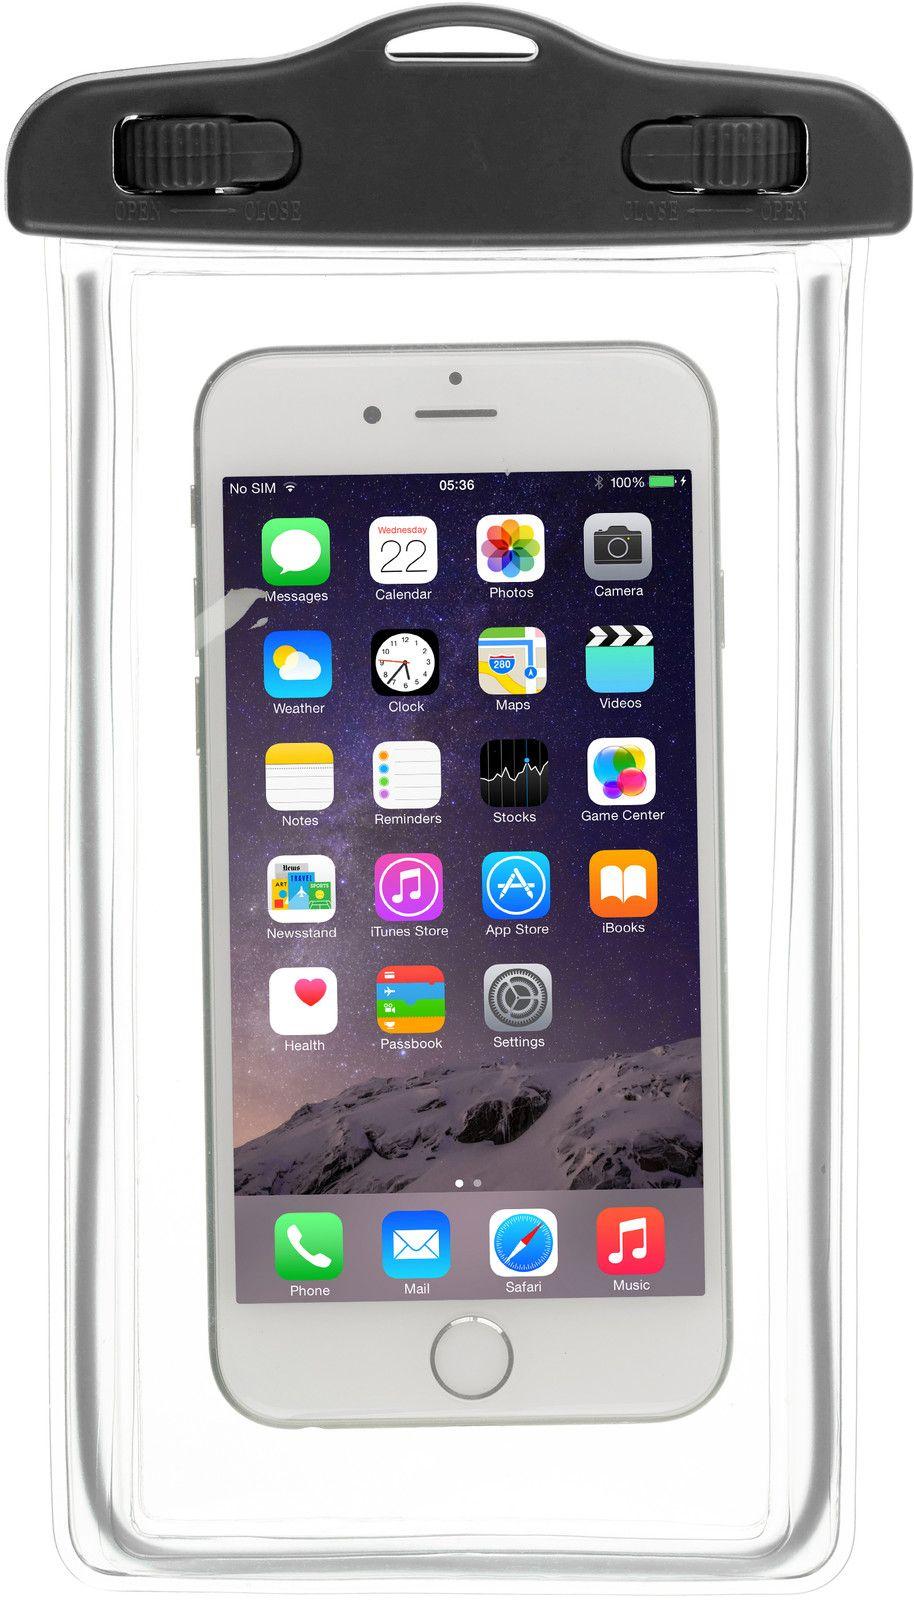 Kanon Gear Vattentät Mobilväska (iPhone Max/Plus) - iPhonebutiken.se ML-96